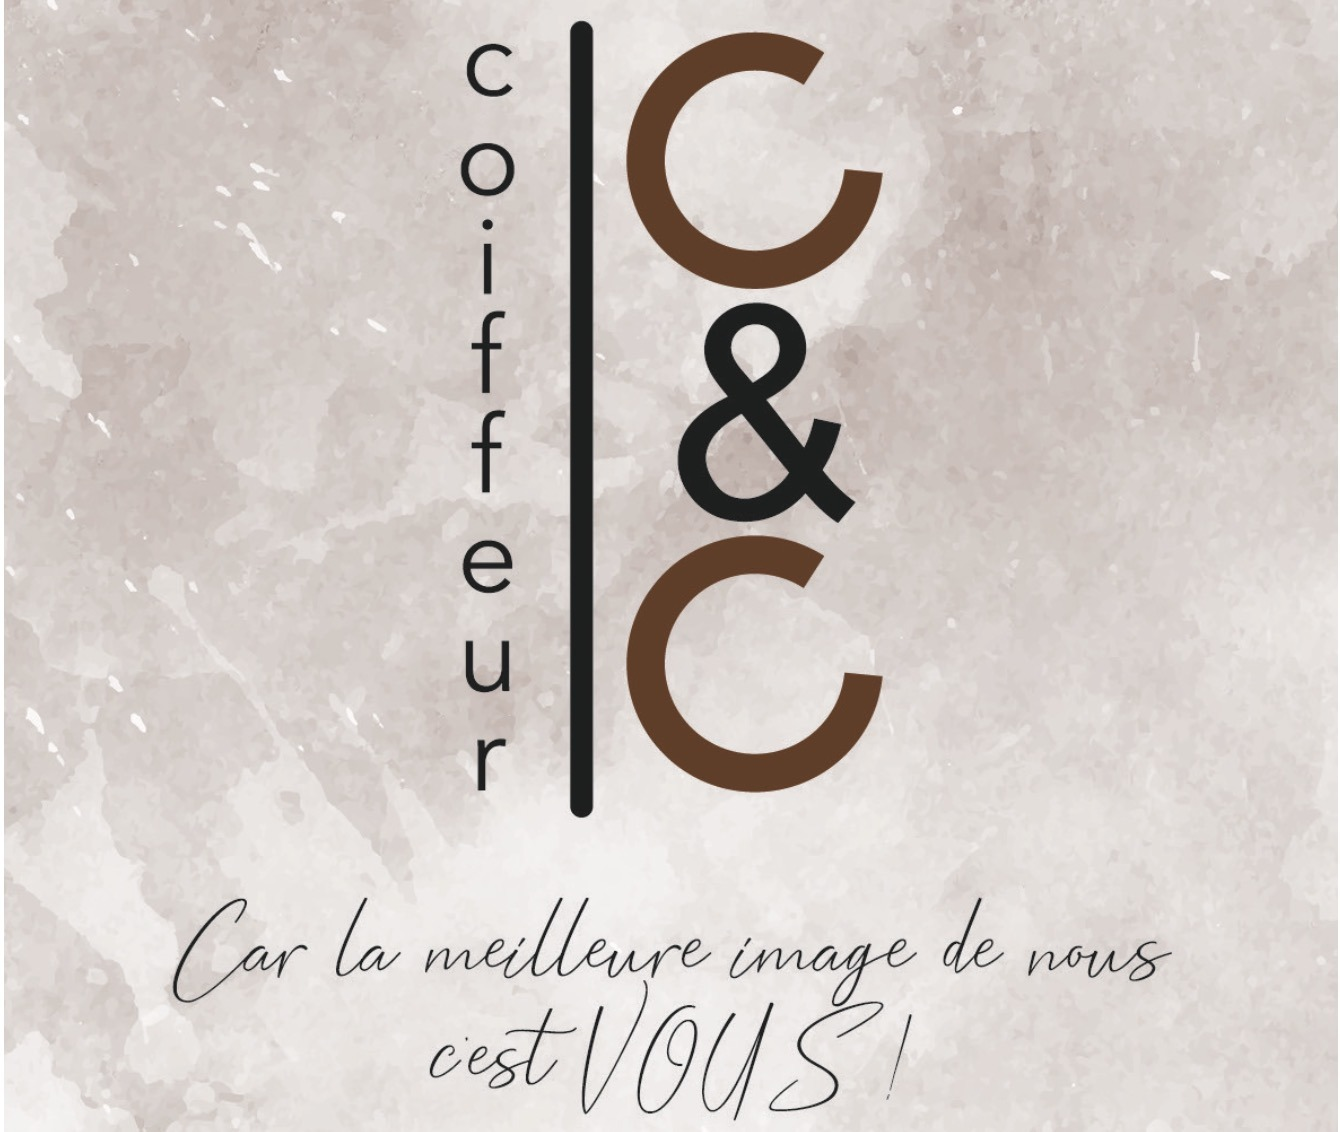 Coiffeur C & C - Masséna